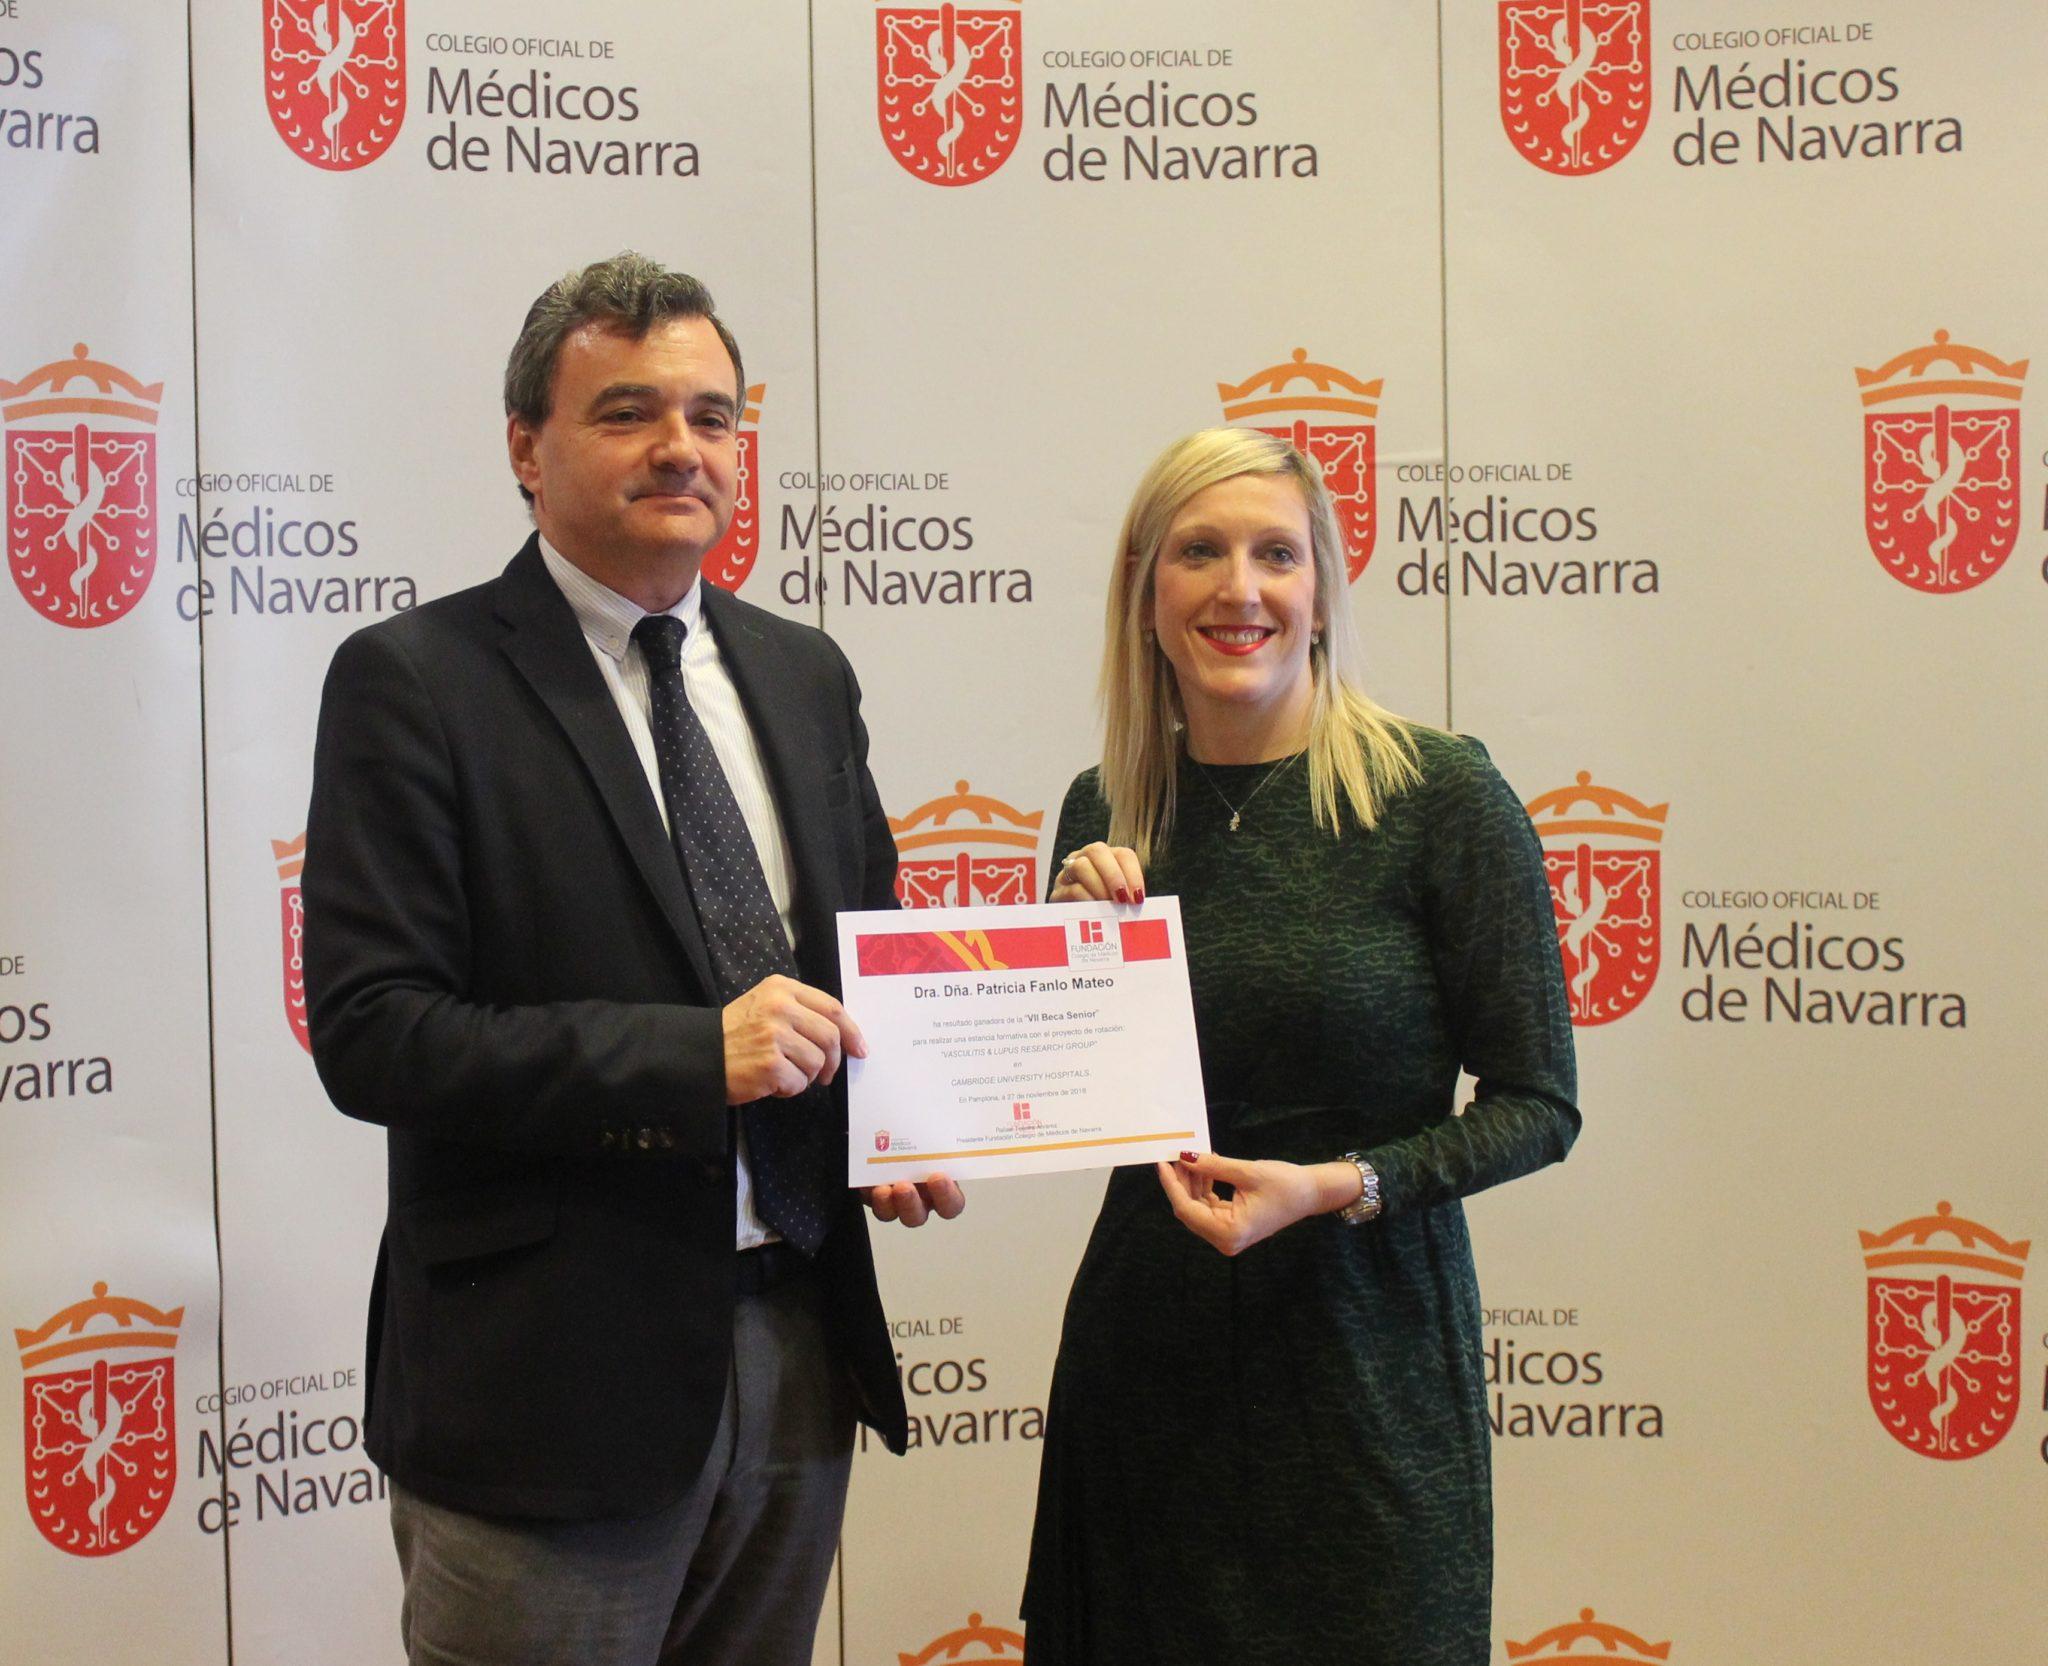 La Dra. Patricia Fanlo Mateo, ganadora de la VII Beca Senior del Colegio de Médicos de Navarra.